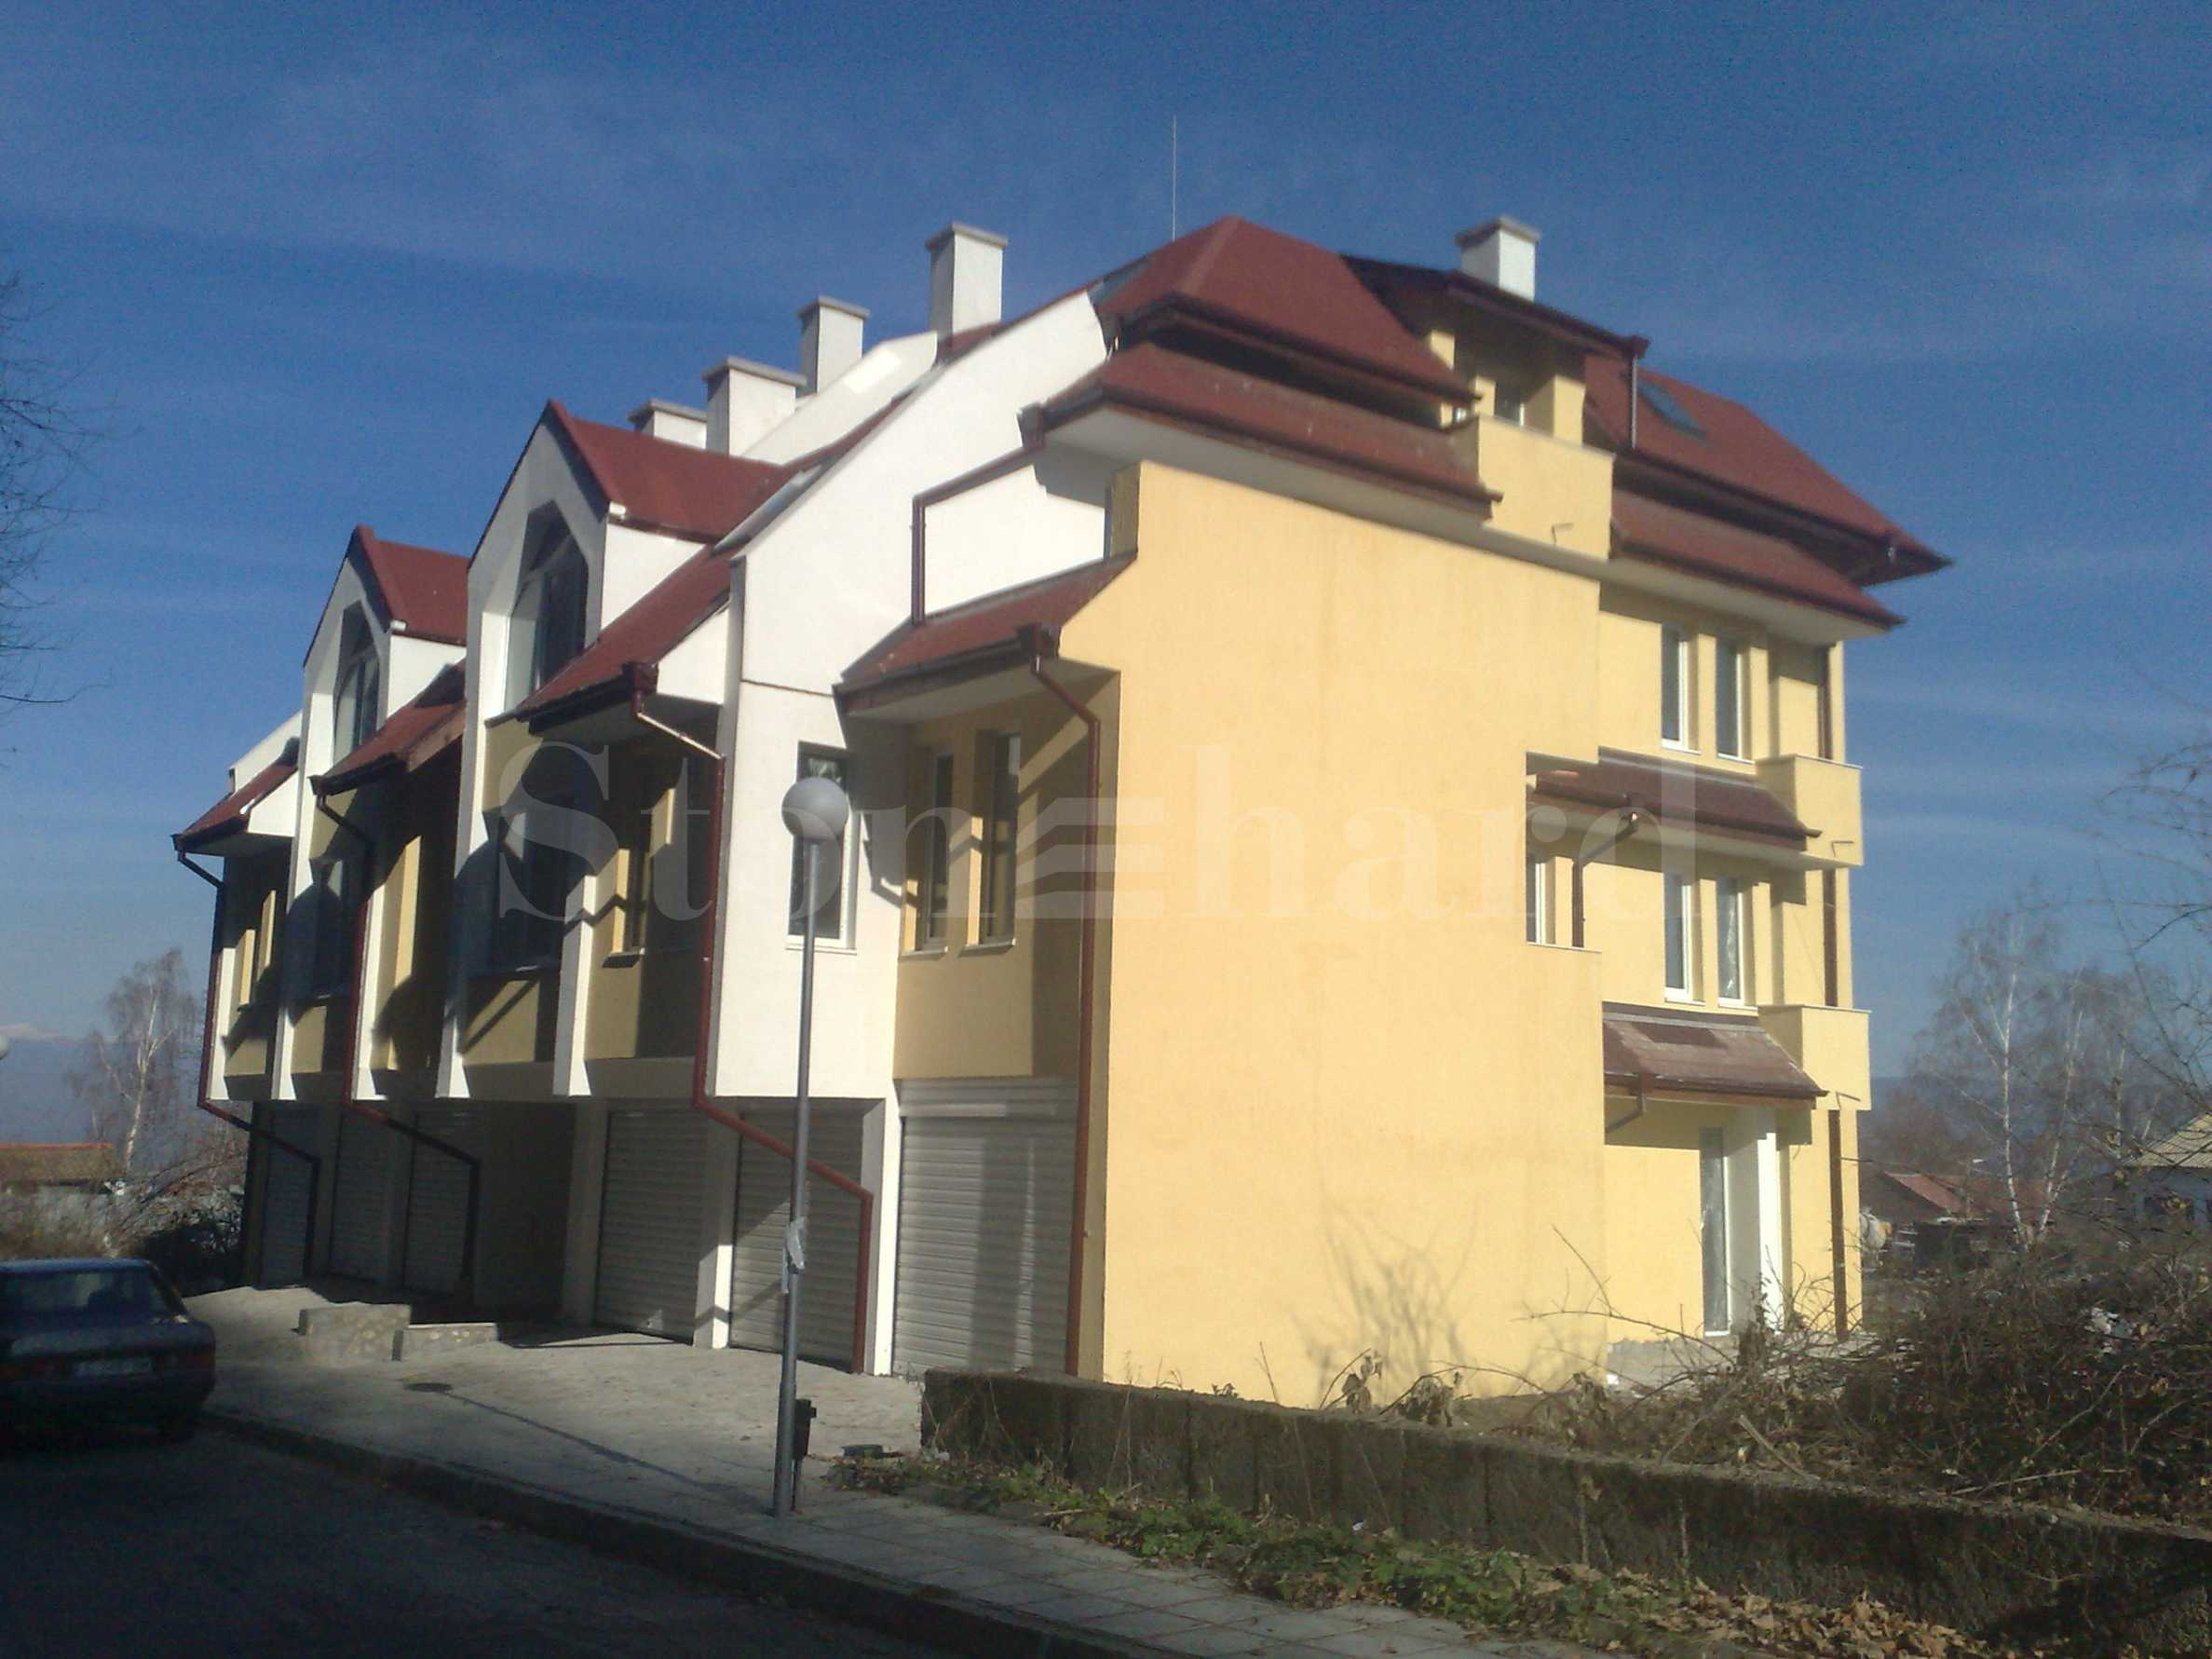 Апартаменти в сграда с Акт 16 до парка в центъра на Банско2 - Stonehard